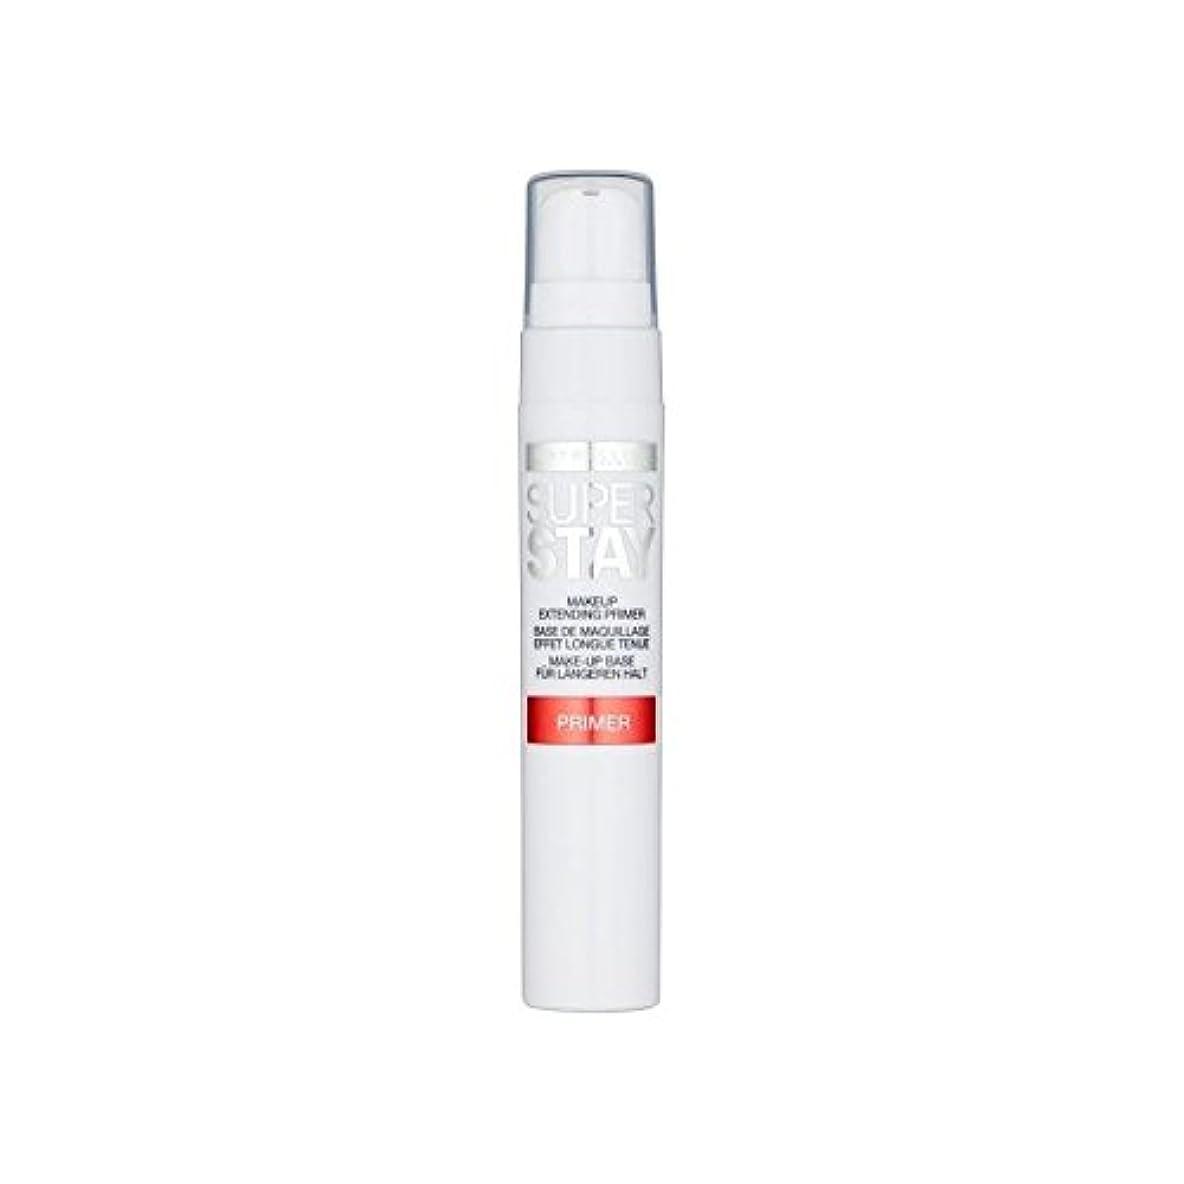 励起うまフィードバックMaybelline Face Superstay 24H Primer - メイベリン顔 24とプライマー [並行輸入品]